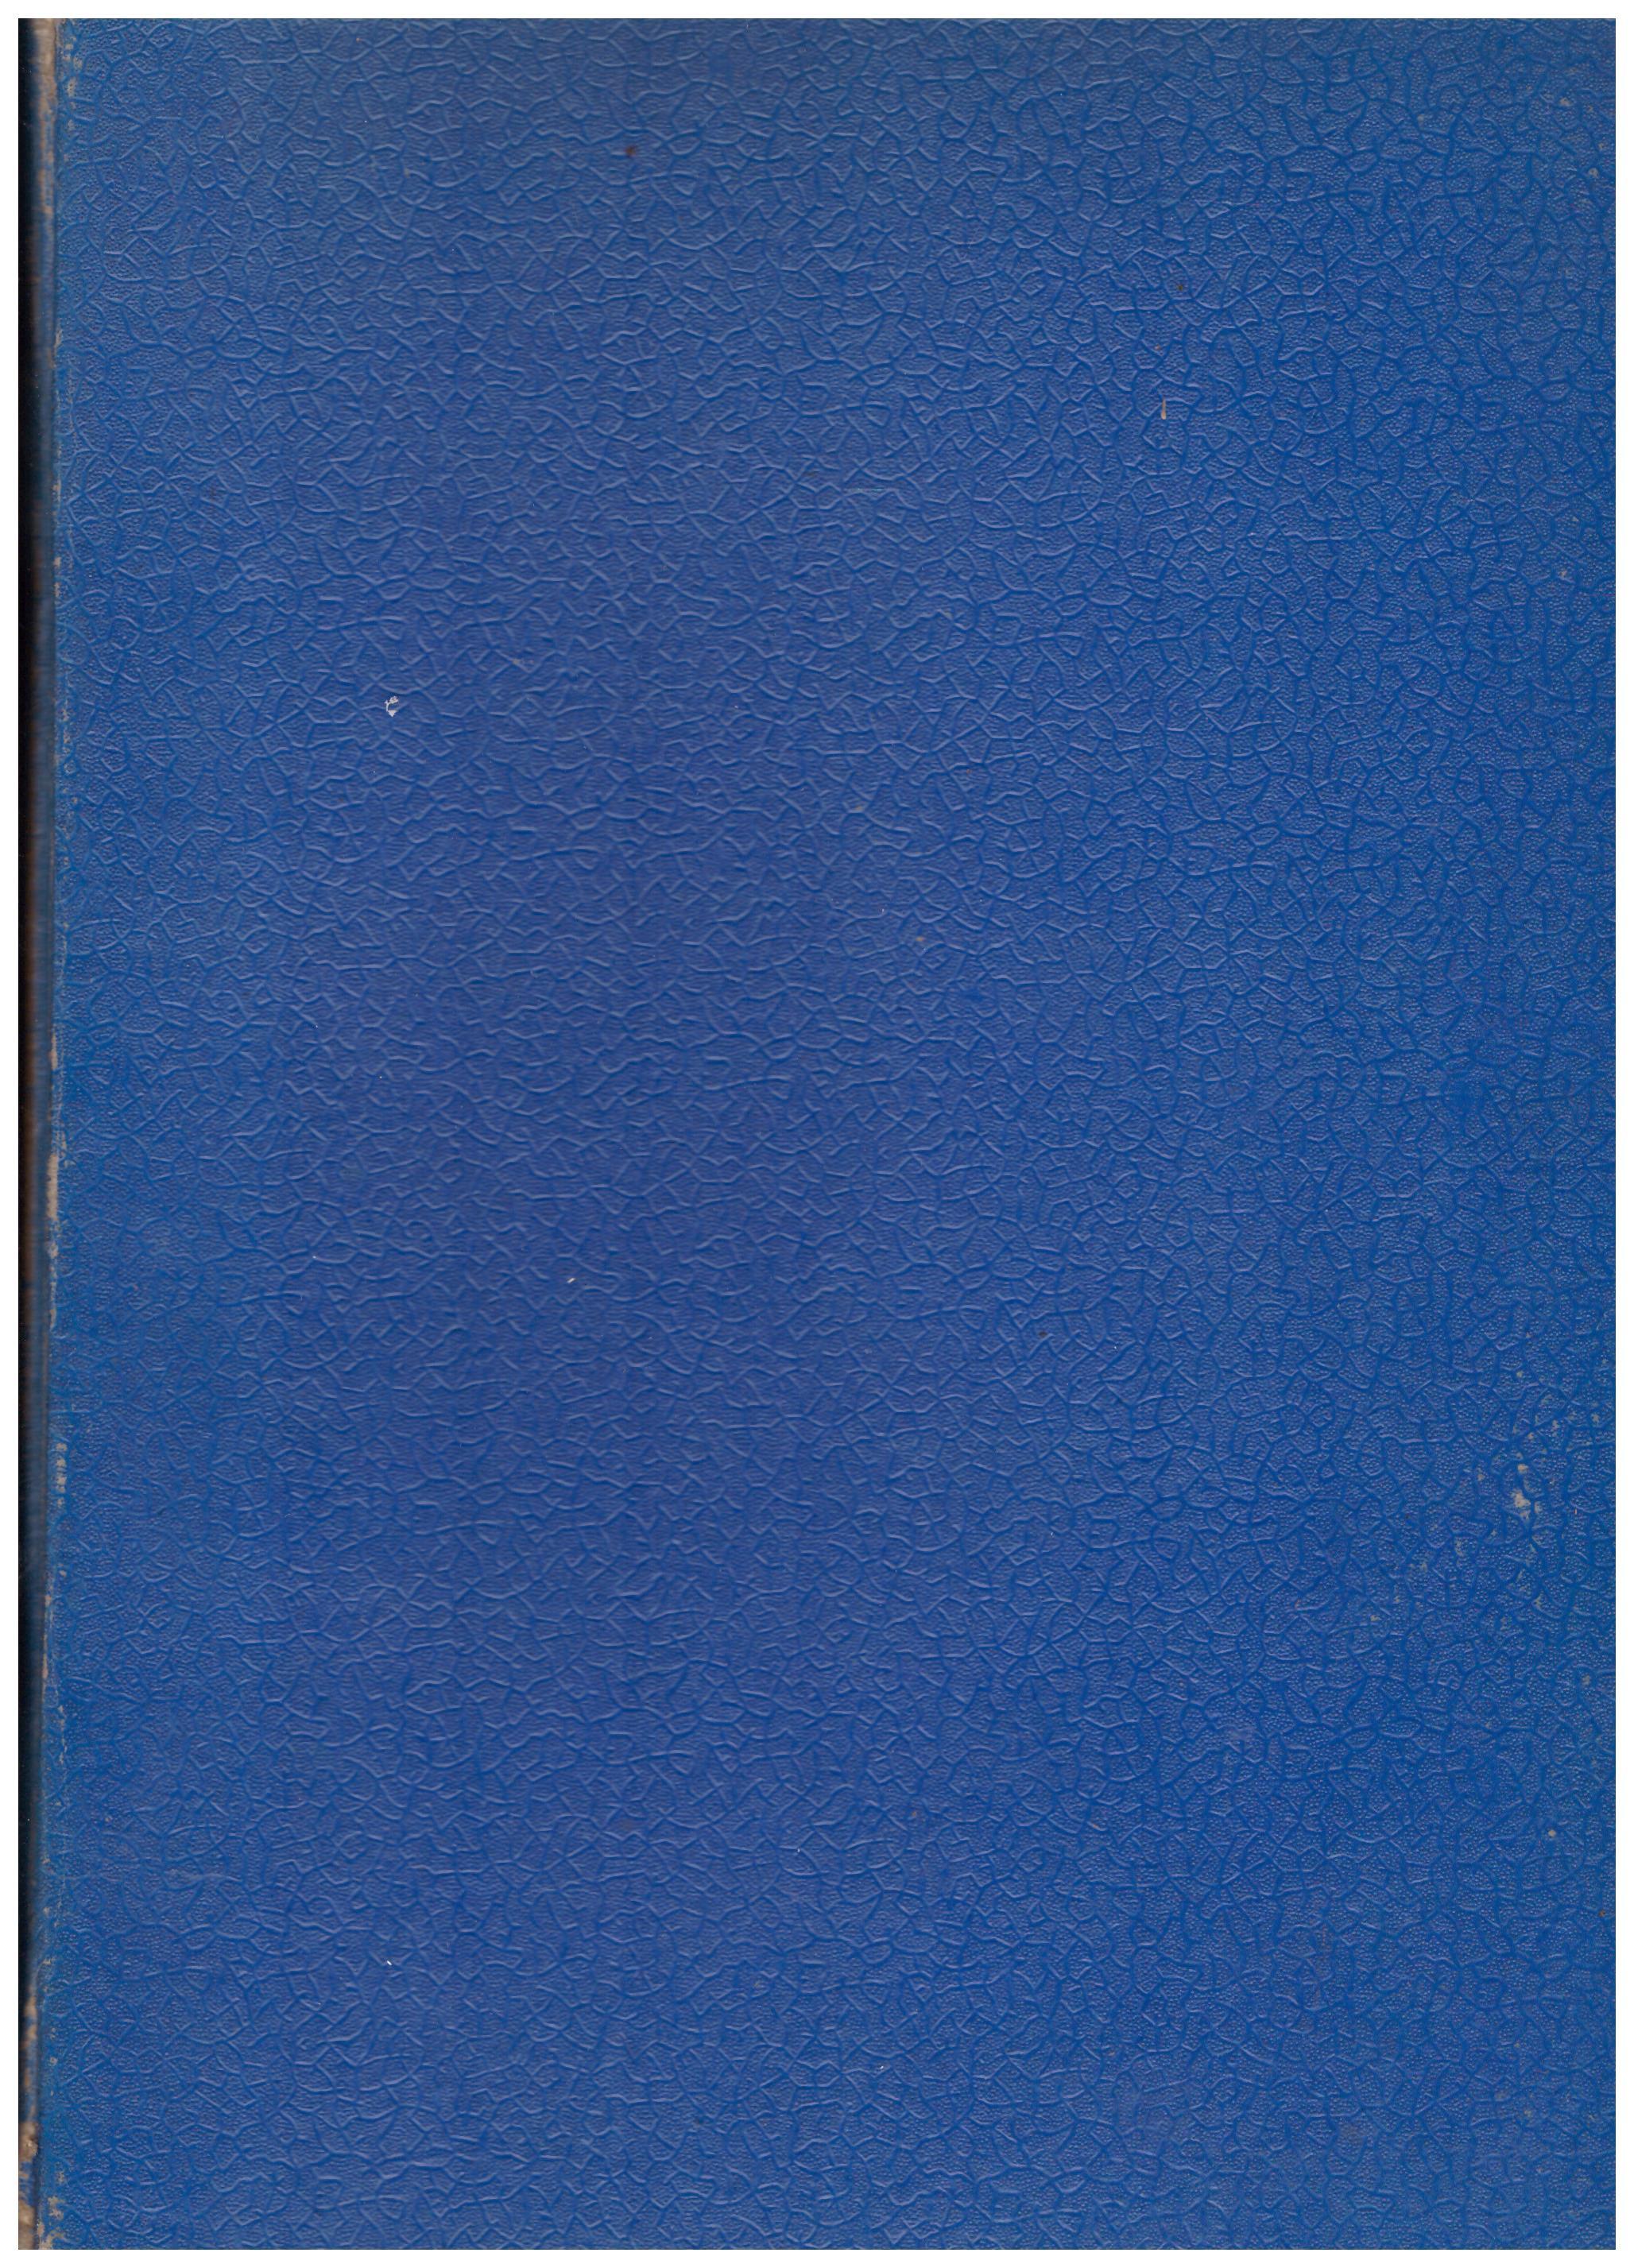 Titolo: Optometria Autore: Sergio Villani  Editore: Giunti, 1970